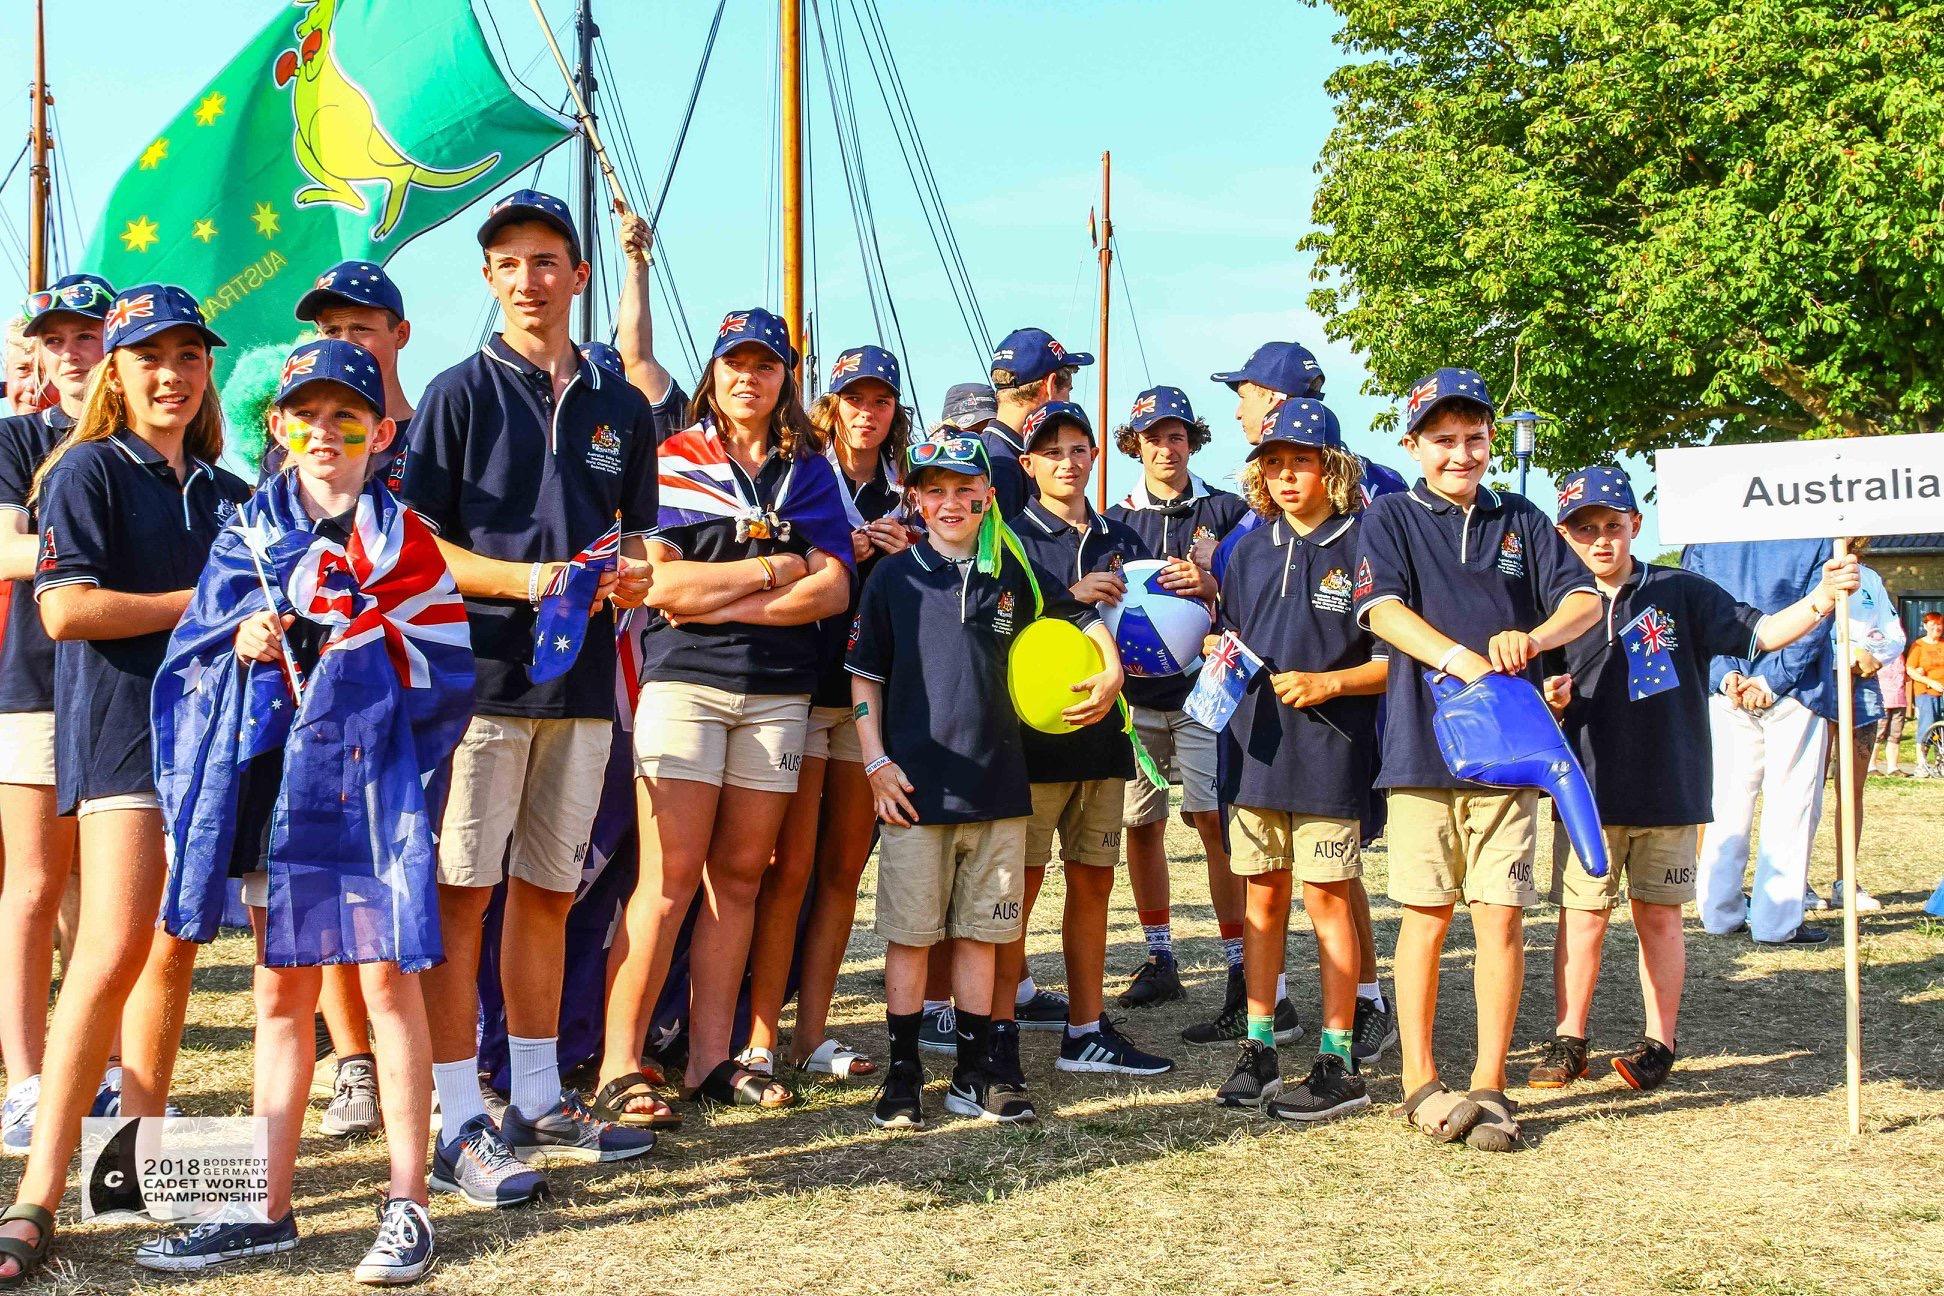 The Australian Cadet team at the opening ceremony. Photo Tony Bull.